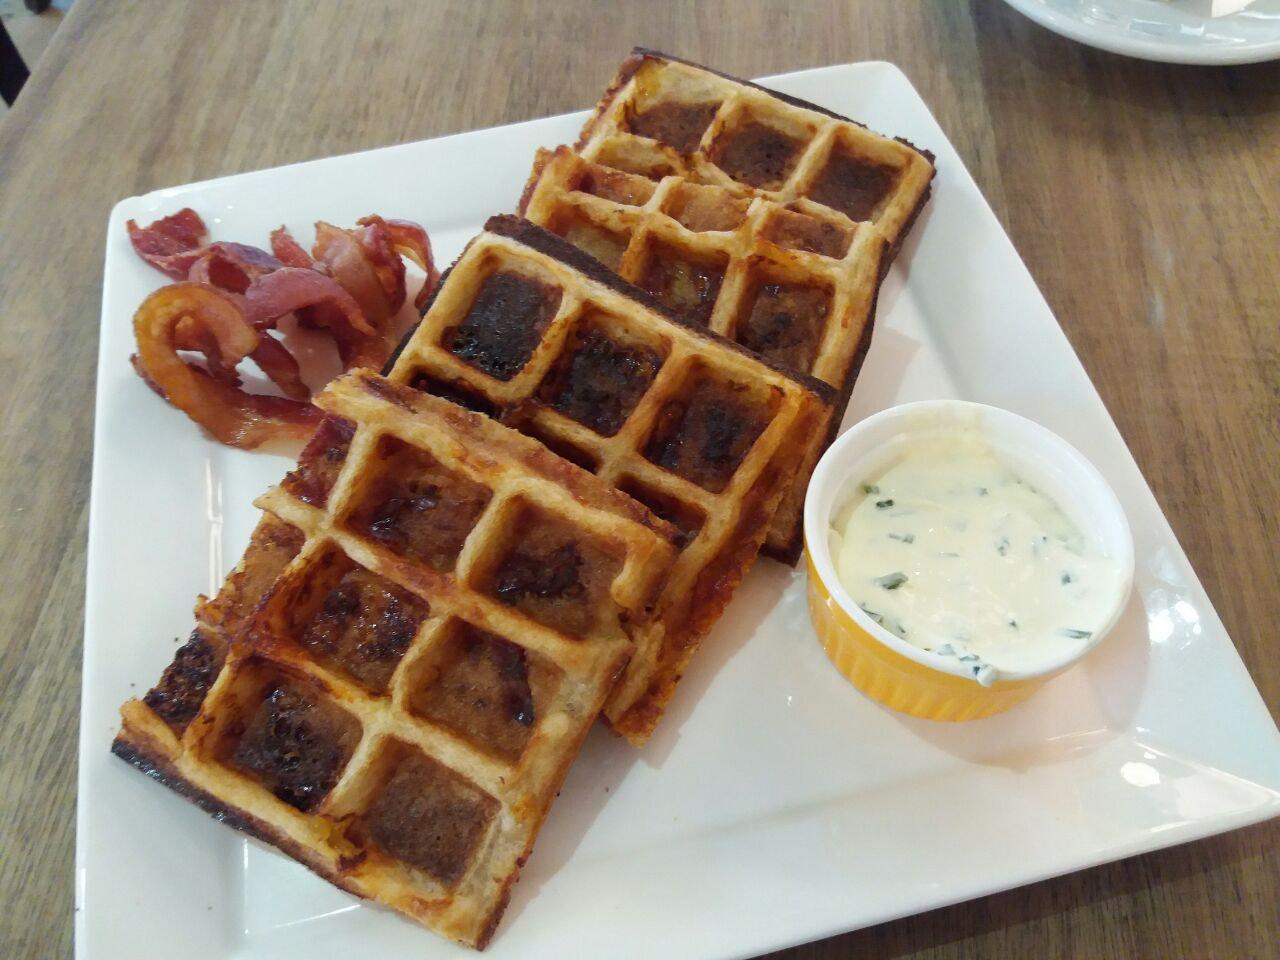 Cheddar Waffles